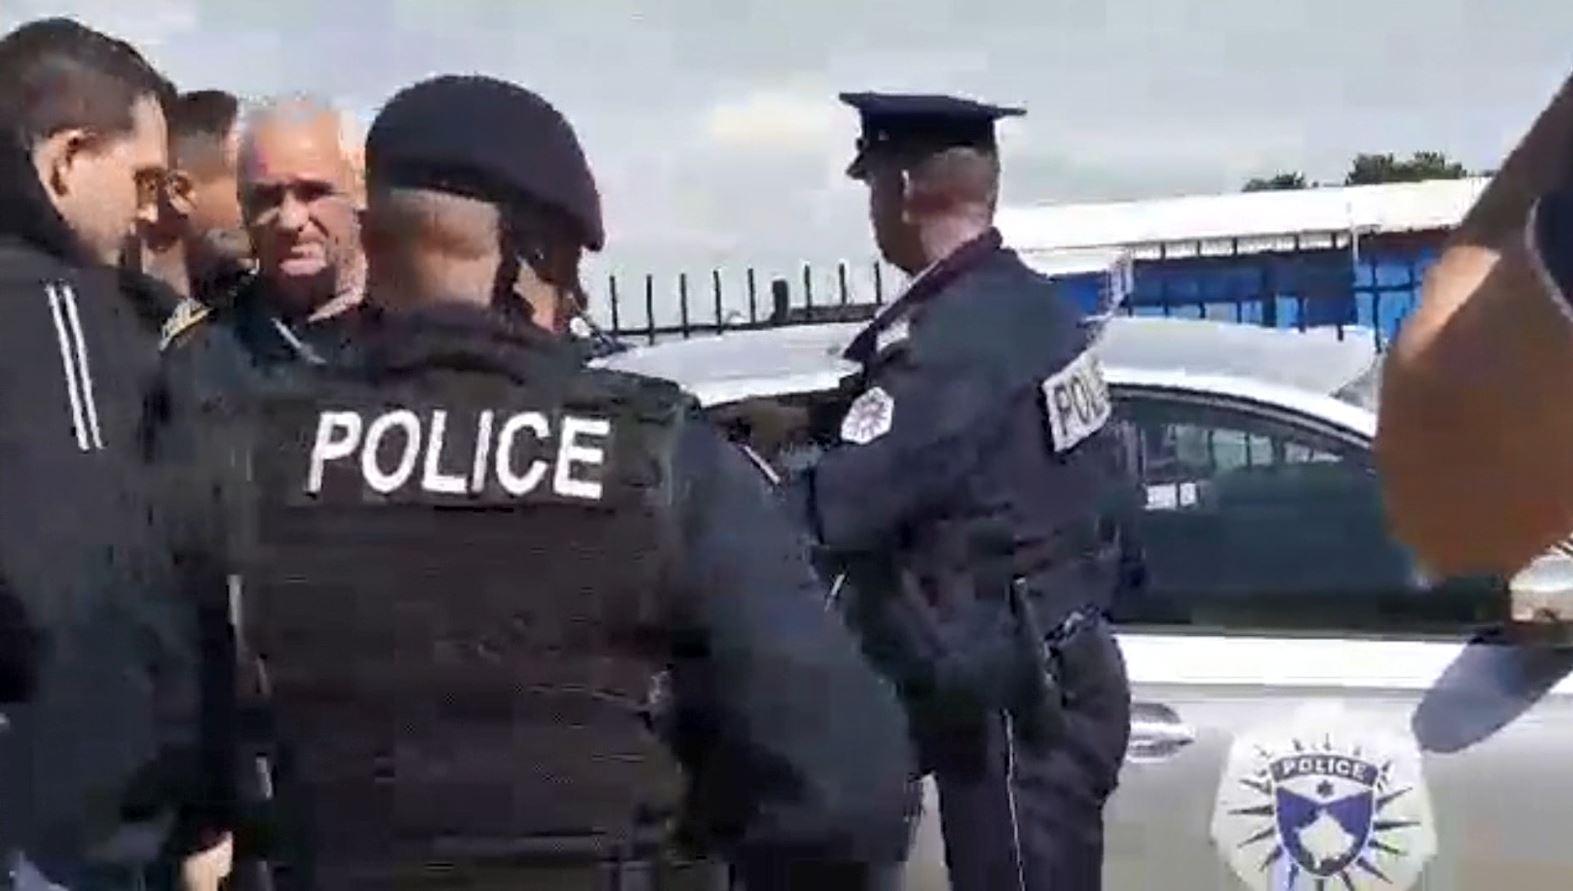 Aksion policor në Veri të Kosovës, Mediat: Disa të arrestuar, 4 policë të plagosur